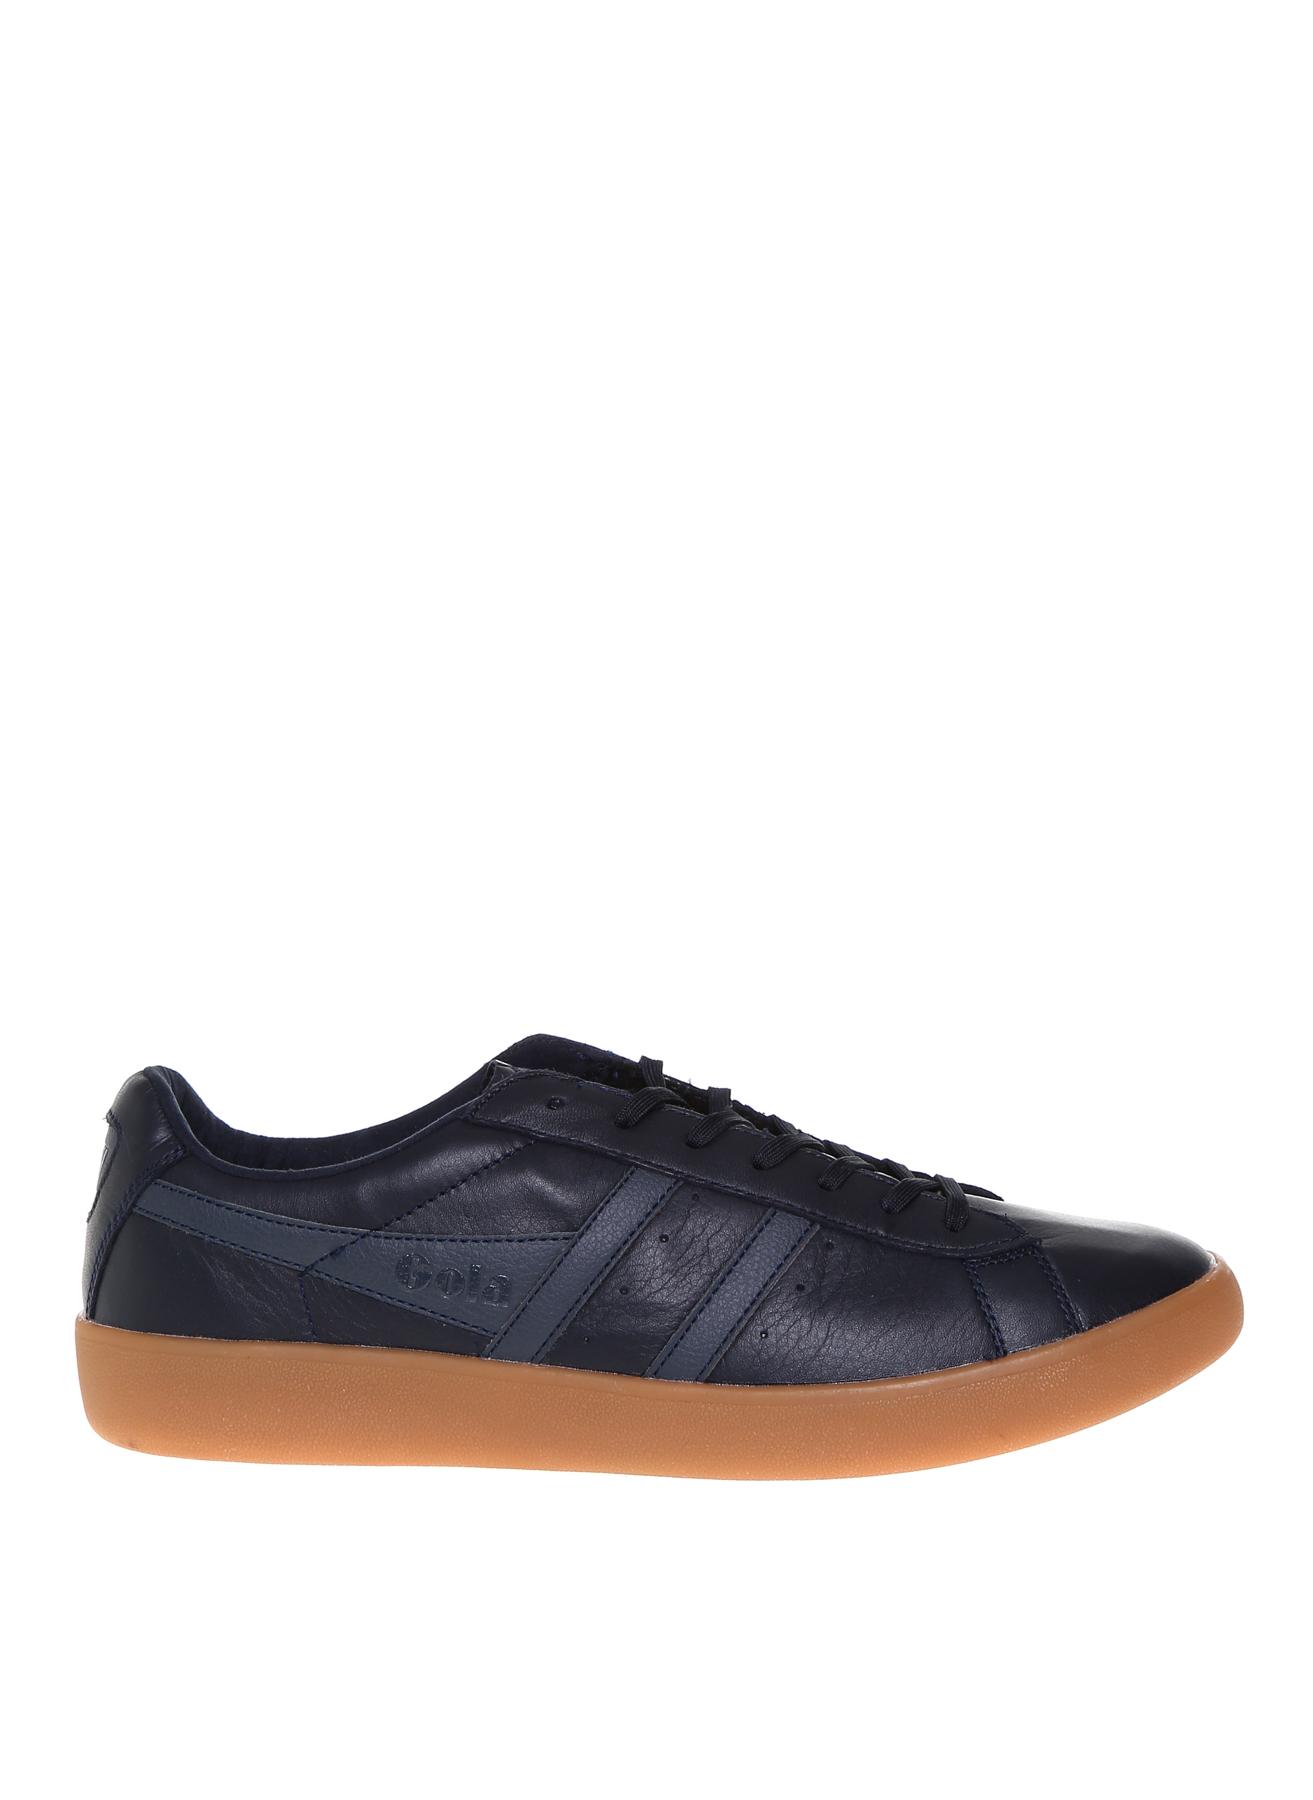 Gola Bağcıklı Lifestyle Ayakkabı 42 5002362420002 Ürün Resmi